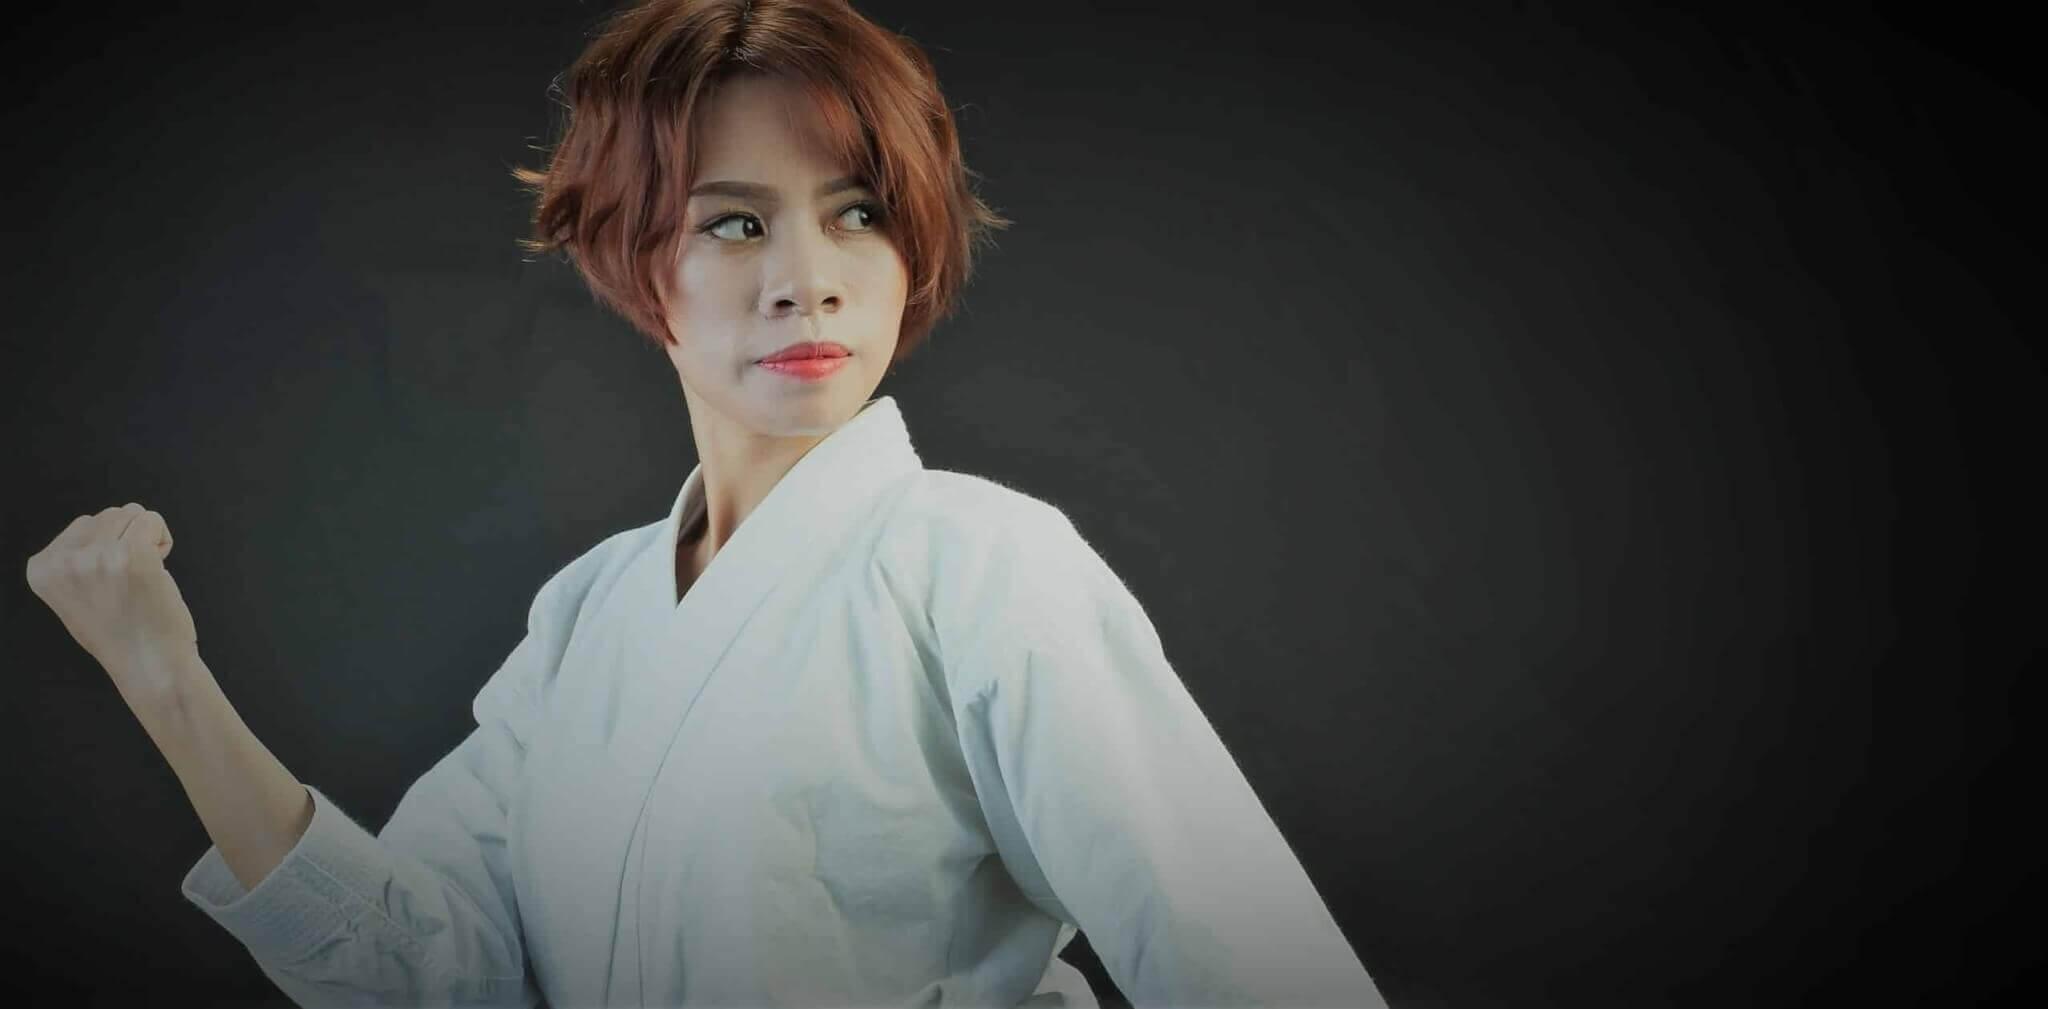 karate dame